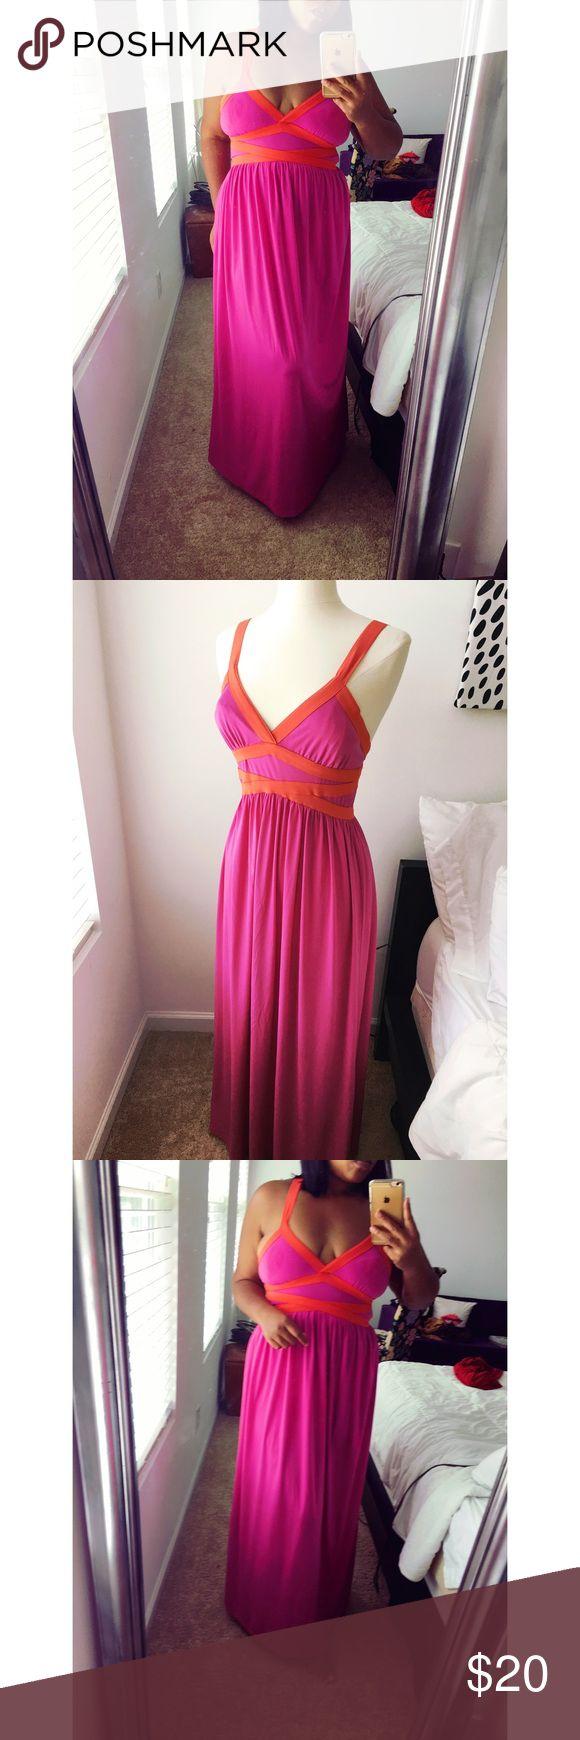 Empire Waist Maxi Dress Empire Waist Maxi Dress sofia vegara Dresses Maxi